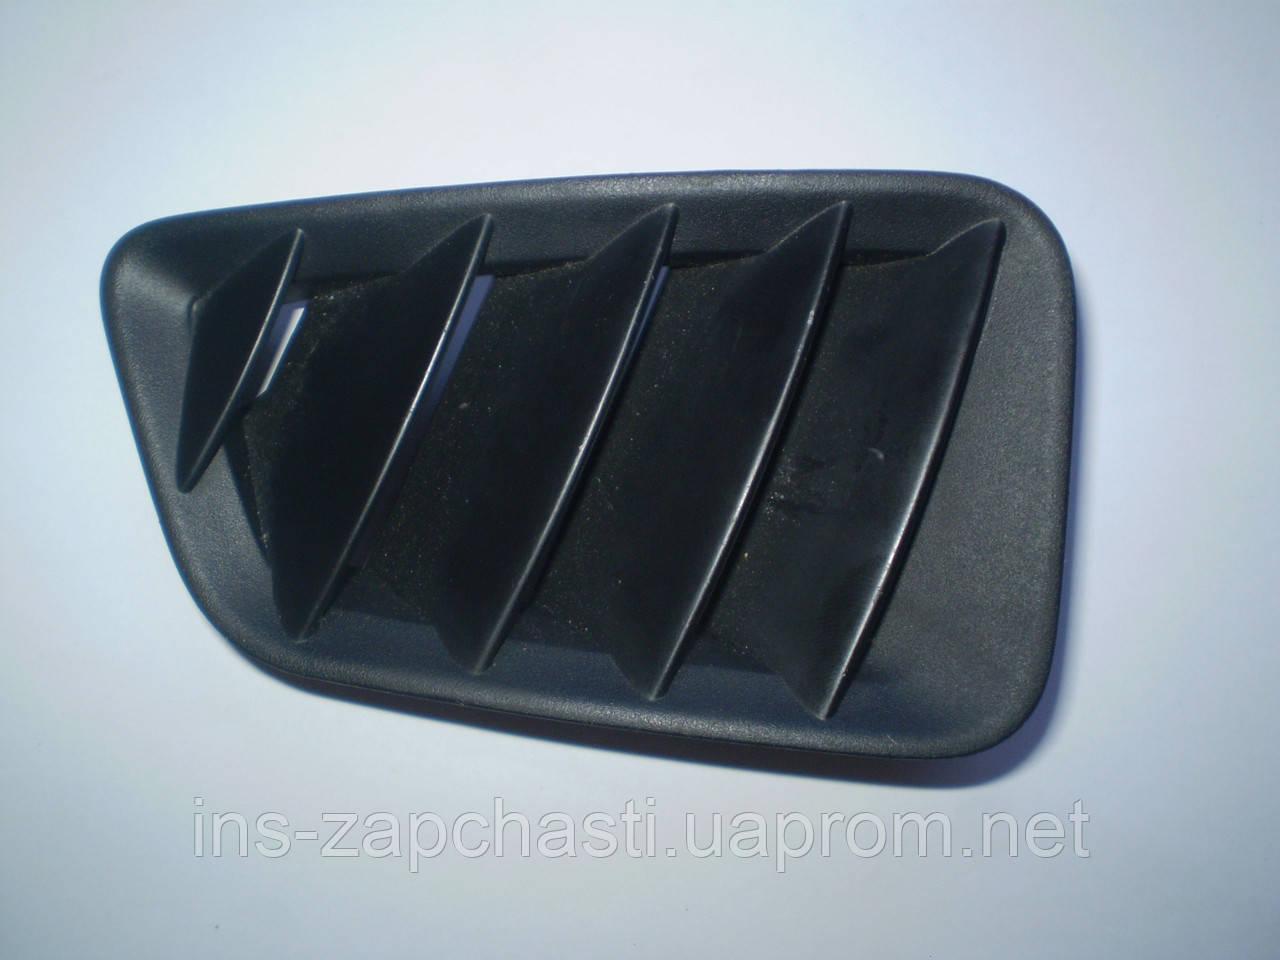 Решітка передня права під склом на торпеді (дефлектор) GJ6A 60 171 Mazda 6 2002-07